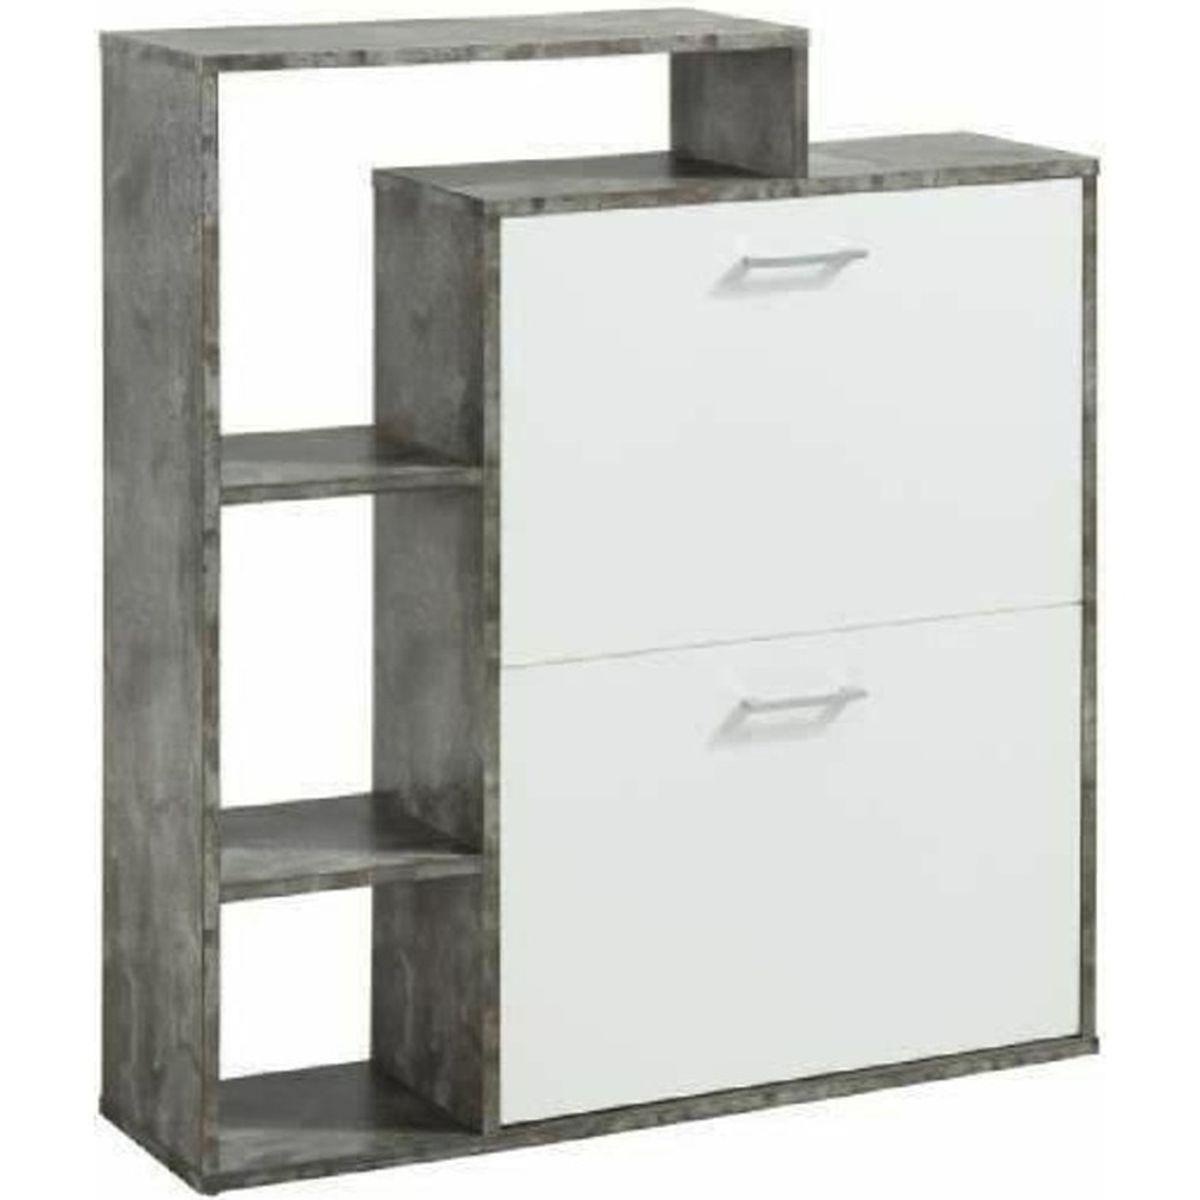 lily meuble chaussures 85 cm blanc et effet b ton achat vente meuble chaussures lily. Black Bedroom Furniture Sets. Home Design Ideas